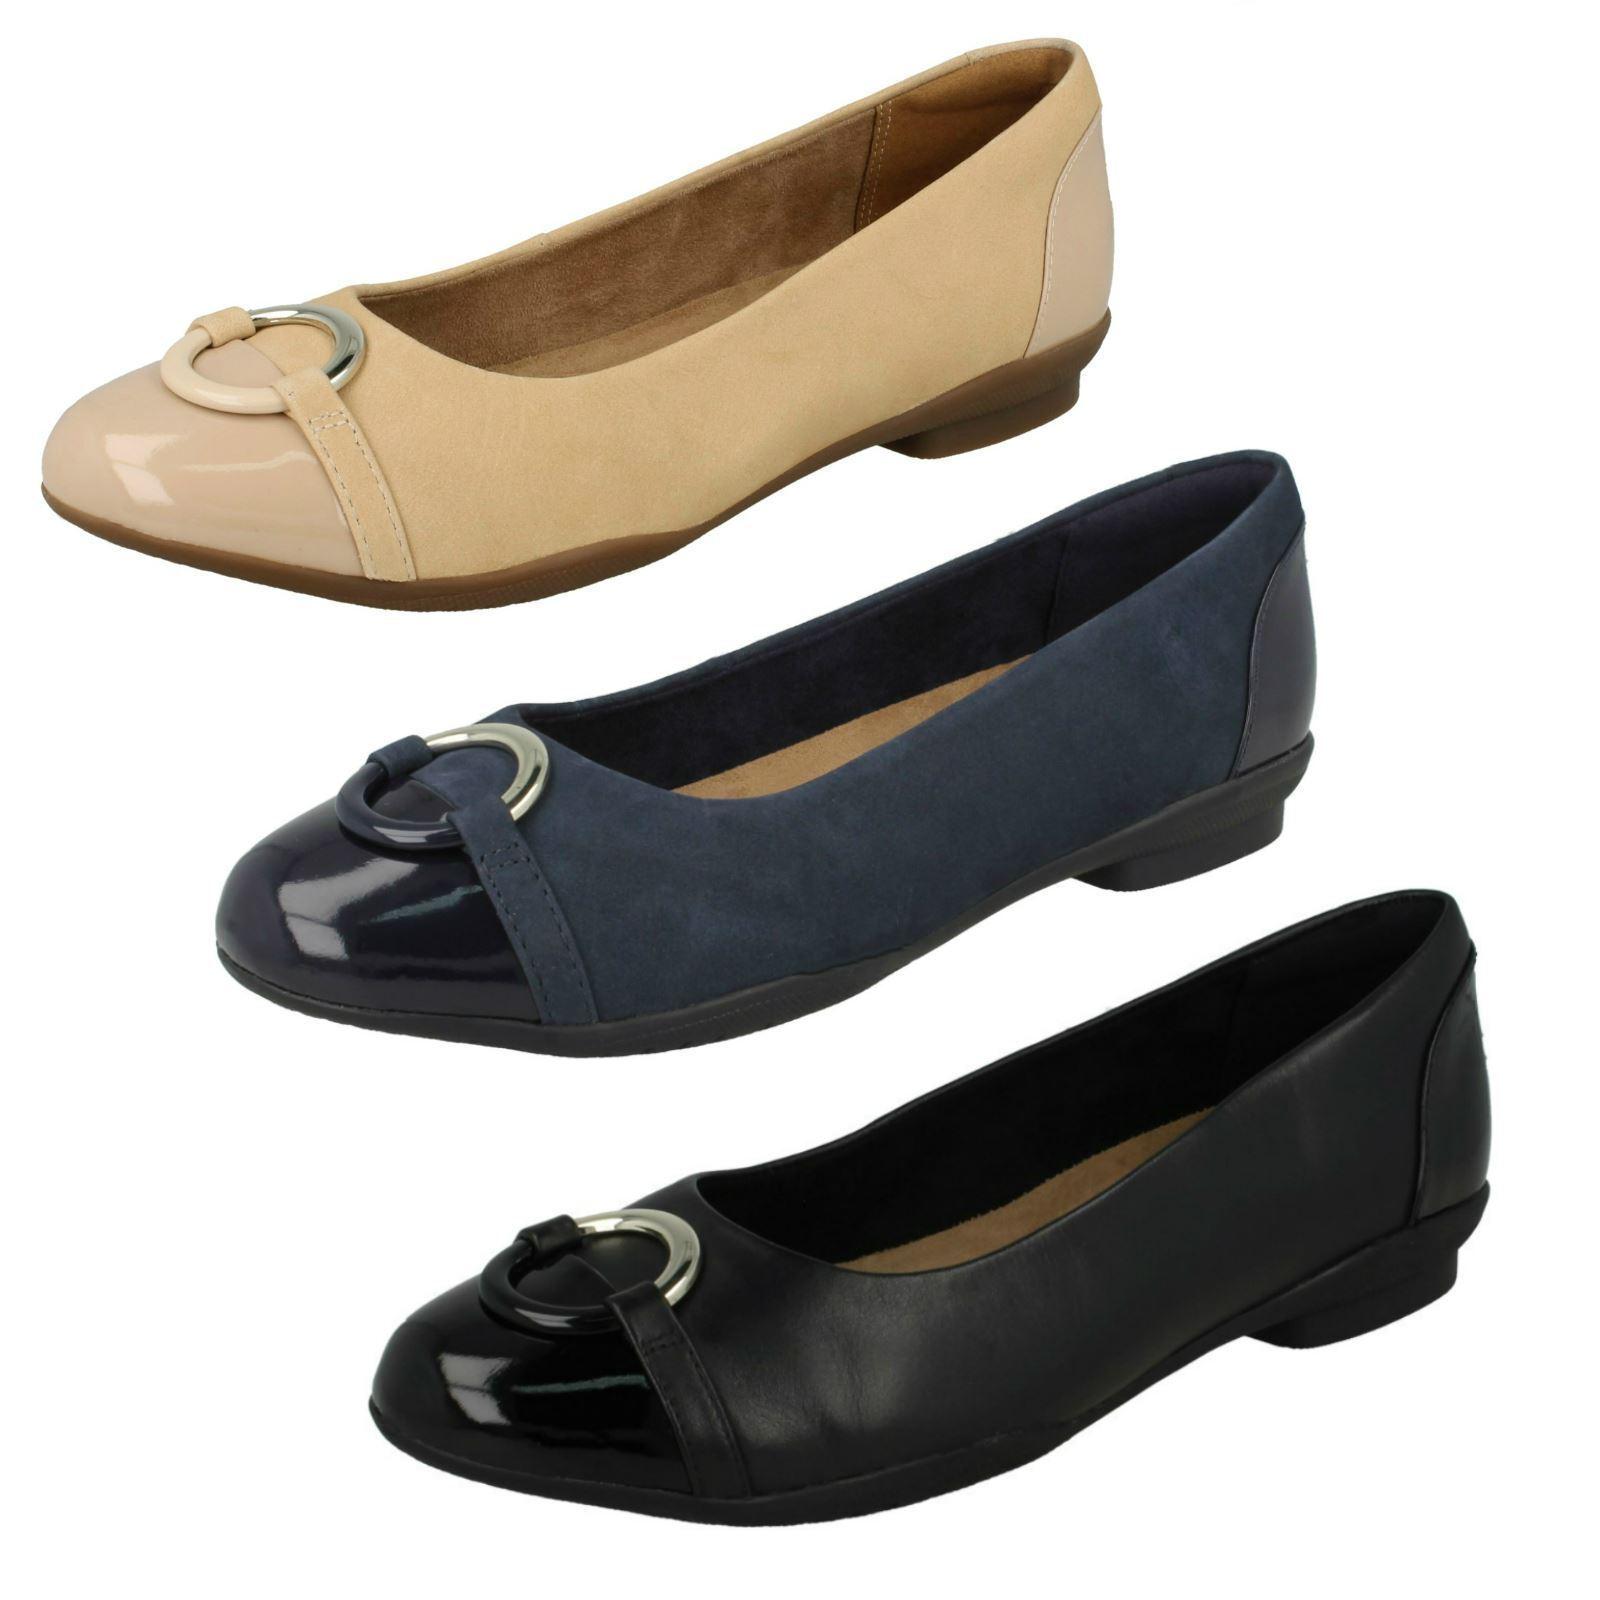 a buon mercato Donna Neenah Vino Scarpe Scarpe Scarpe in pelle da Infilare Aperti By Clarks  in linea